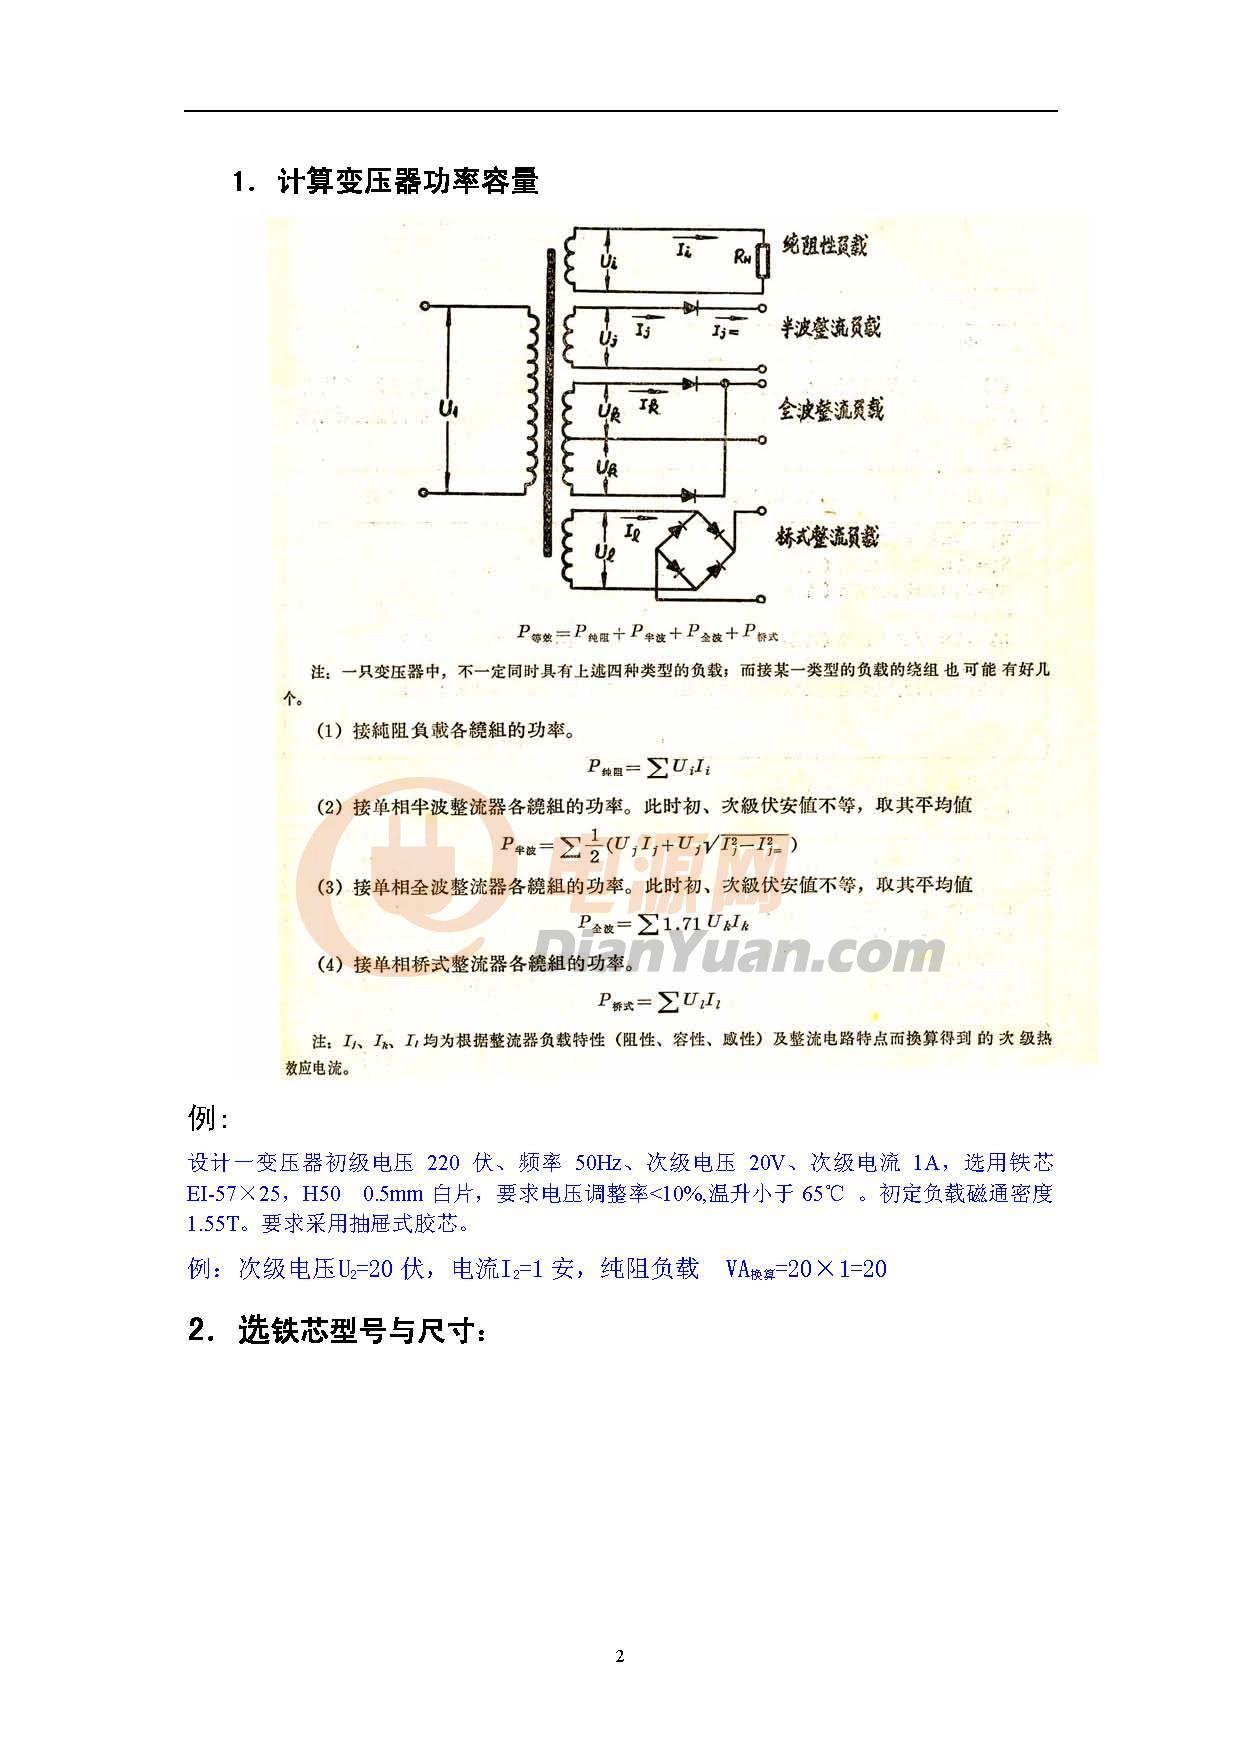 小功率工频变压器绕制方法请教-电源网